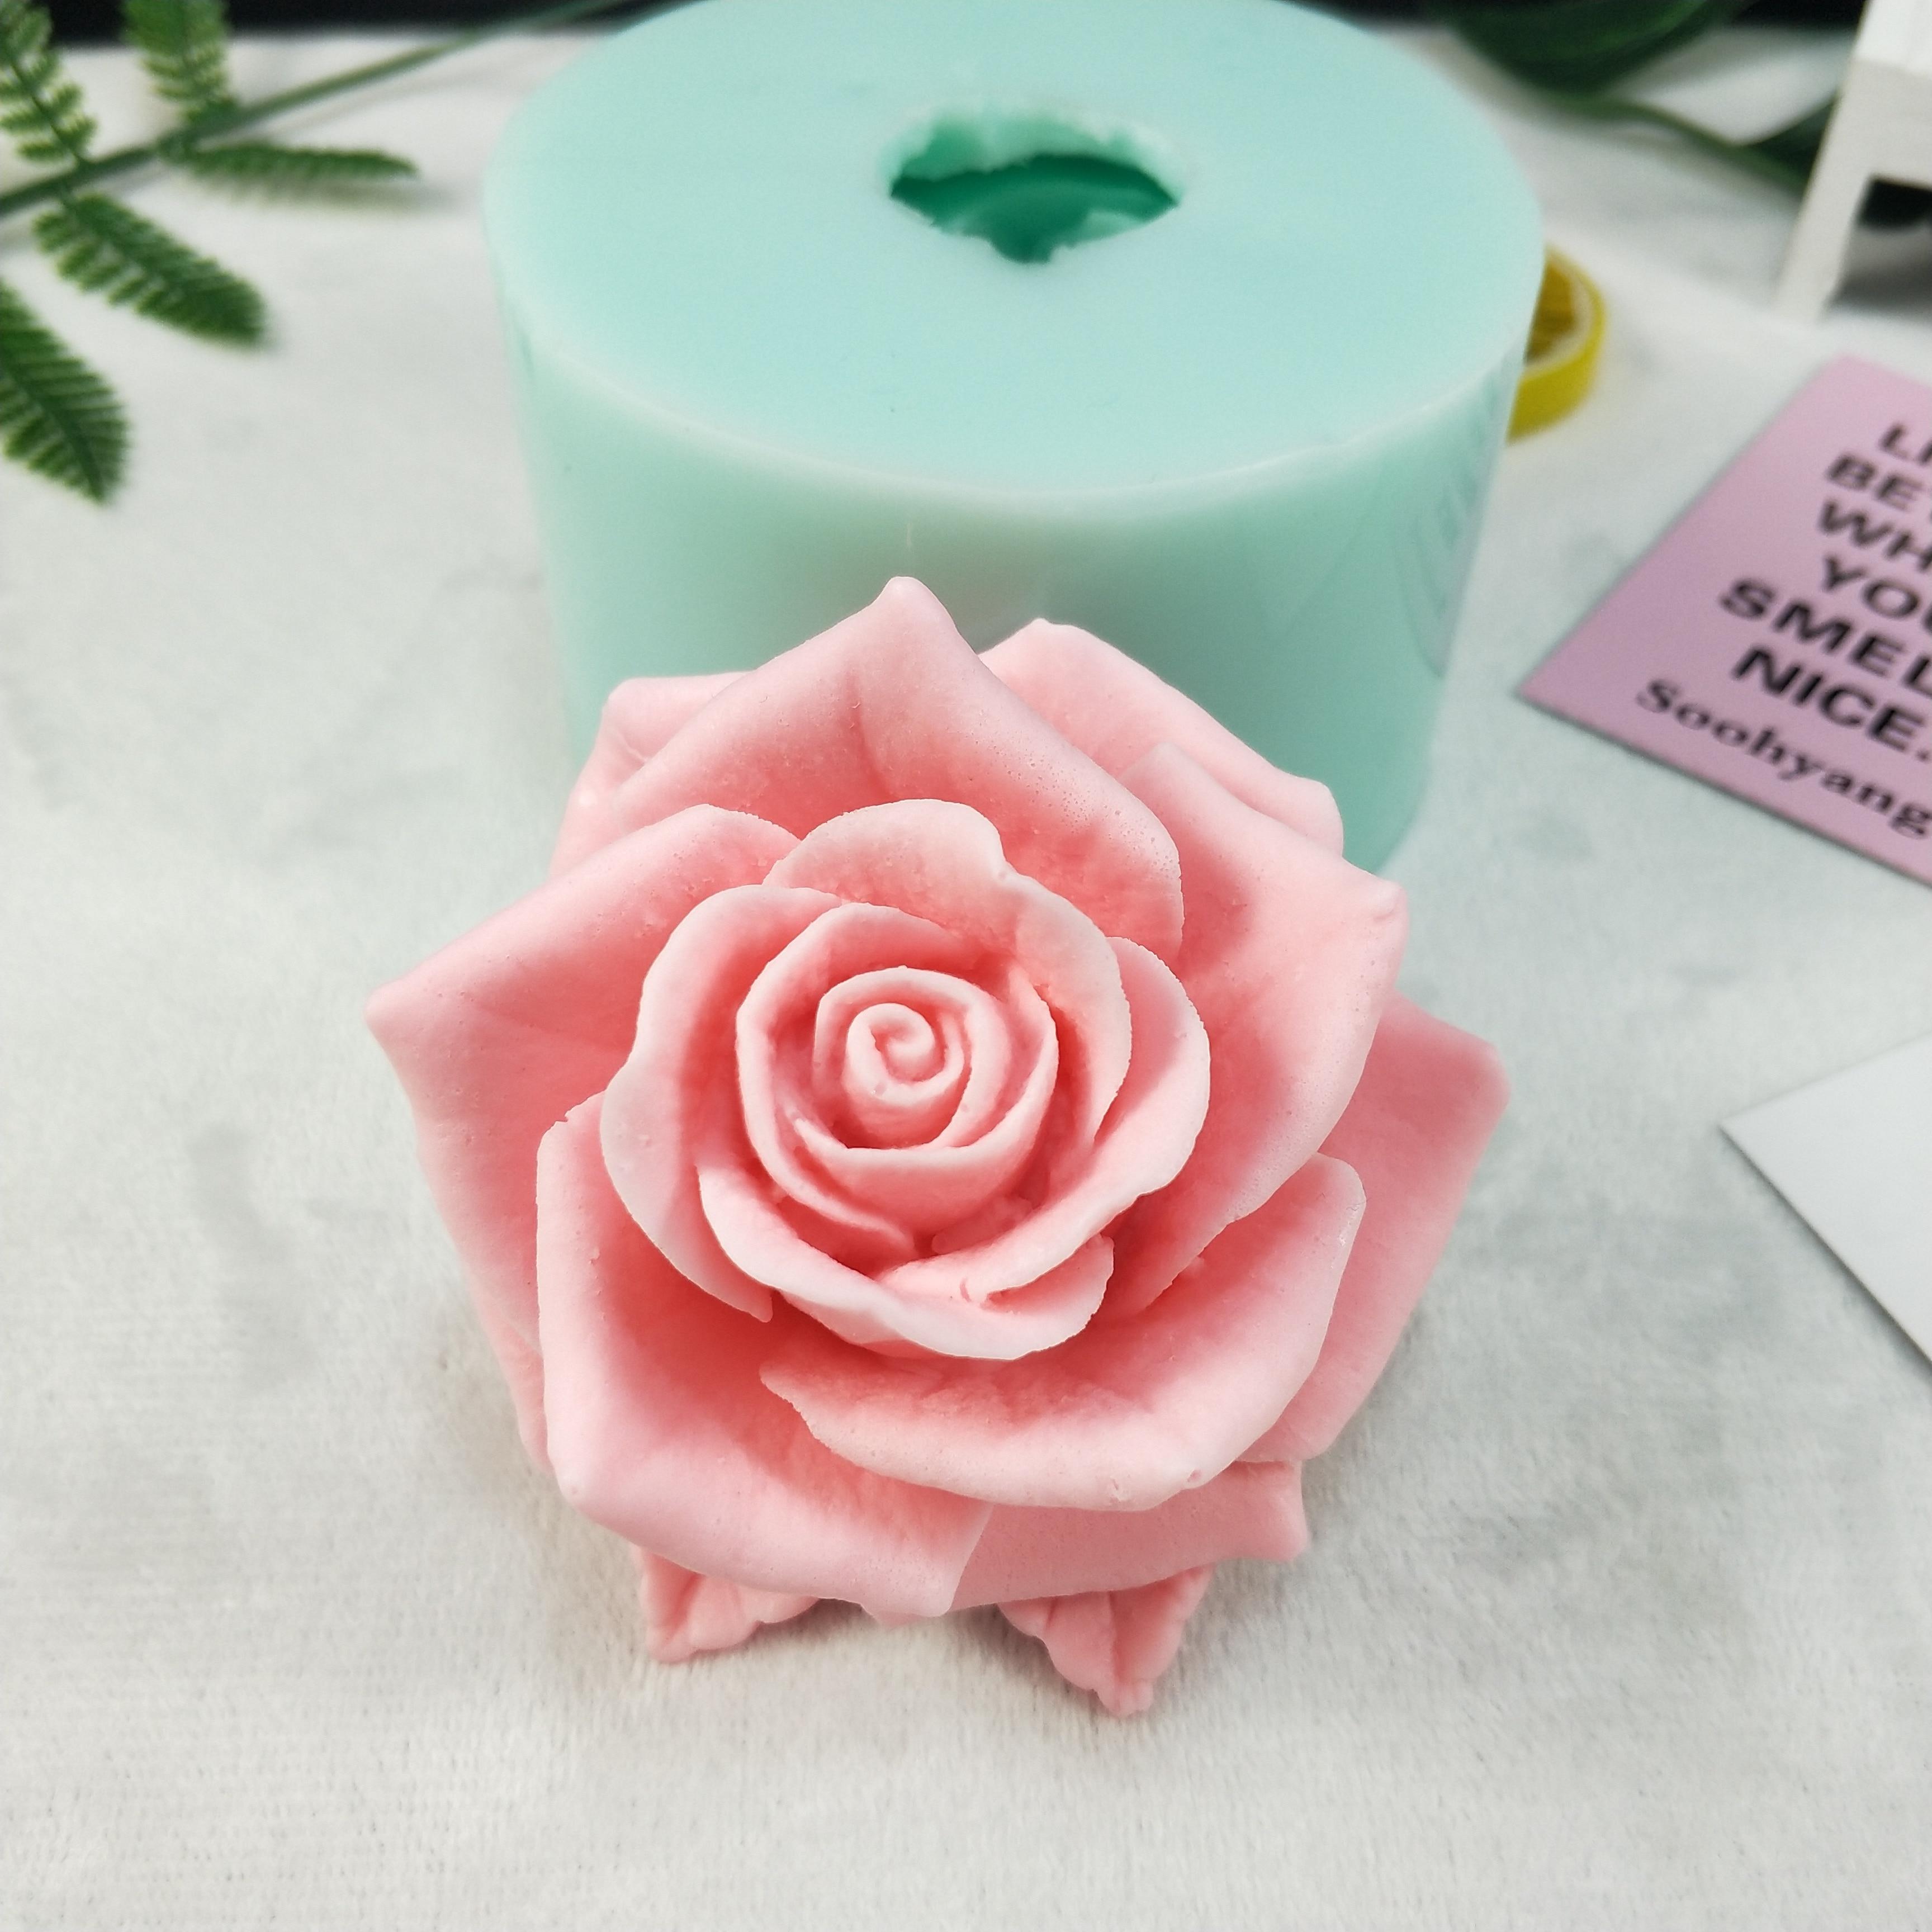 3D hermosa flor Rosa silicona molde ramo de rosas jabón moldes arcilla resina yeso Chocolate vela molde